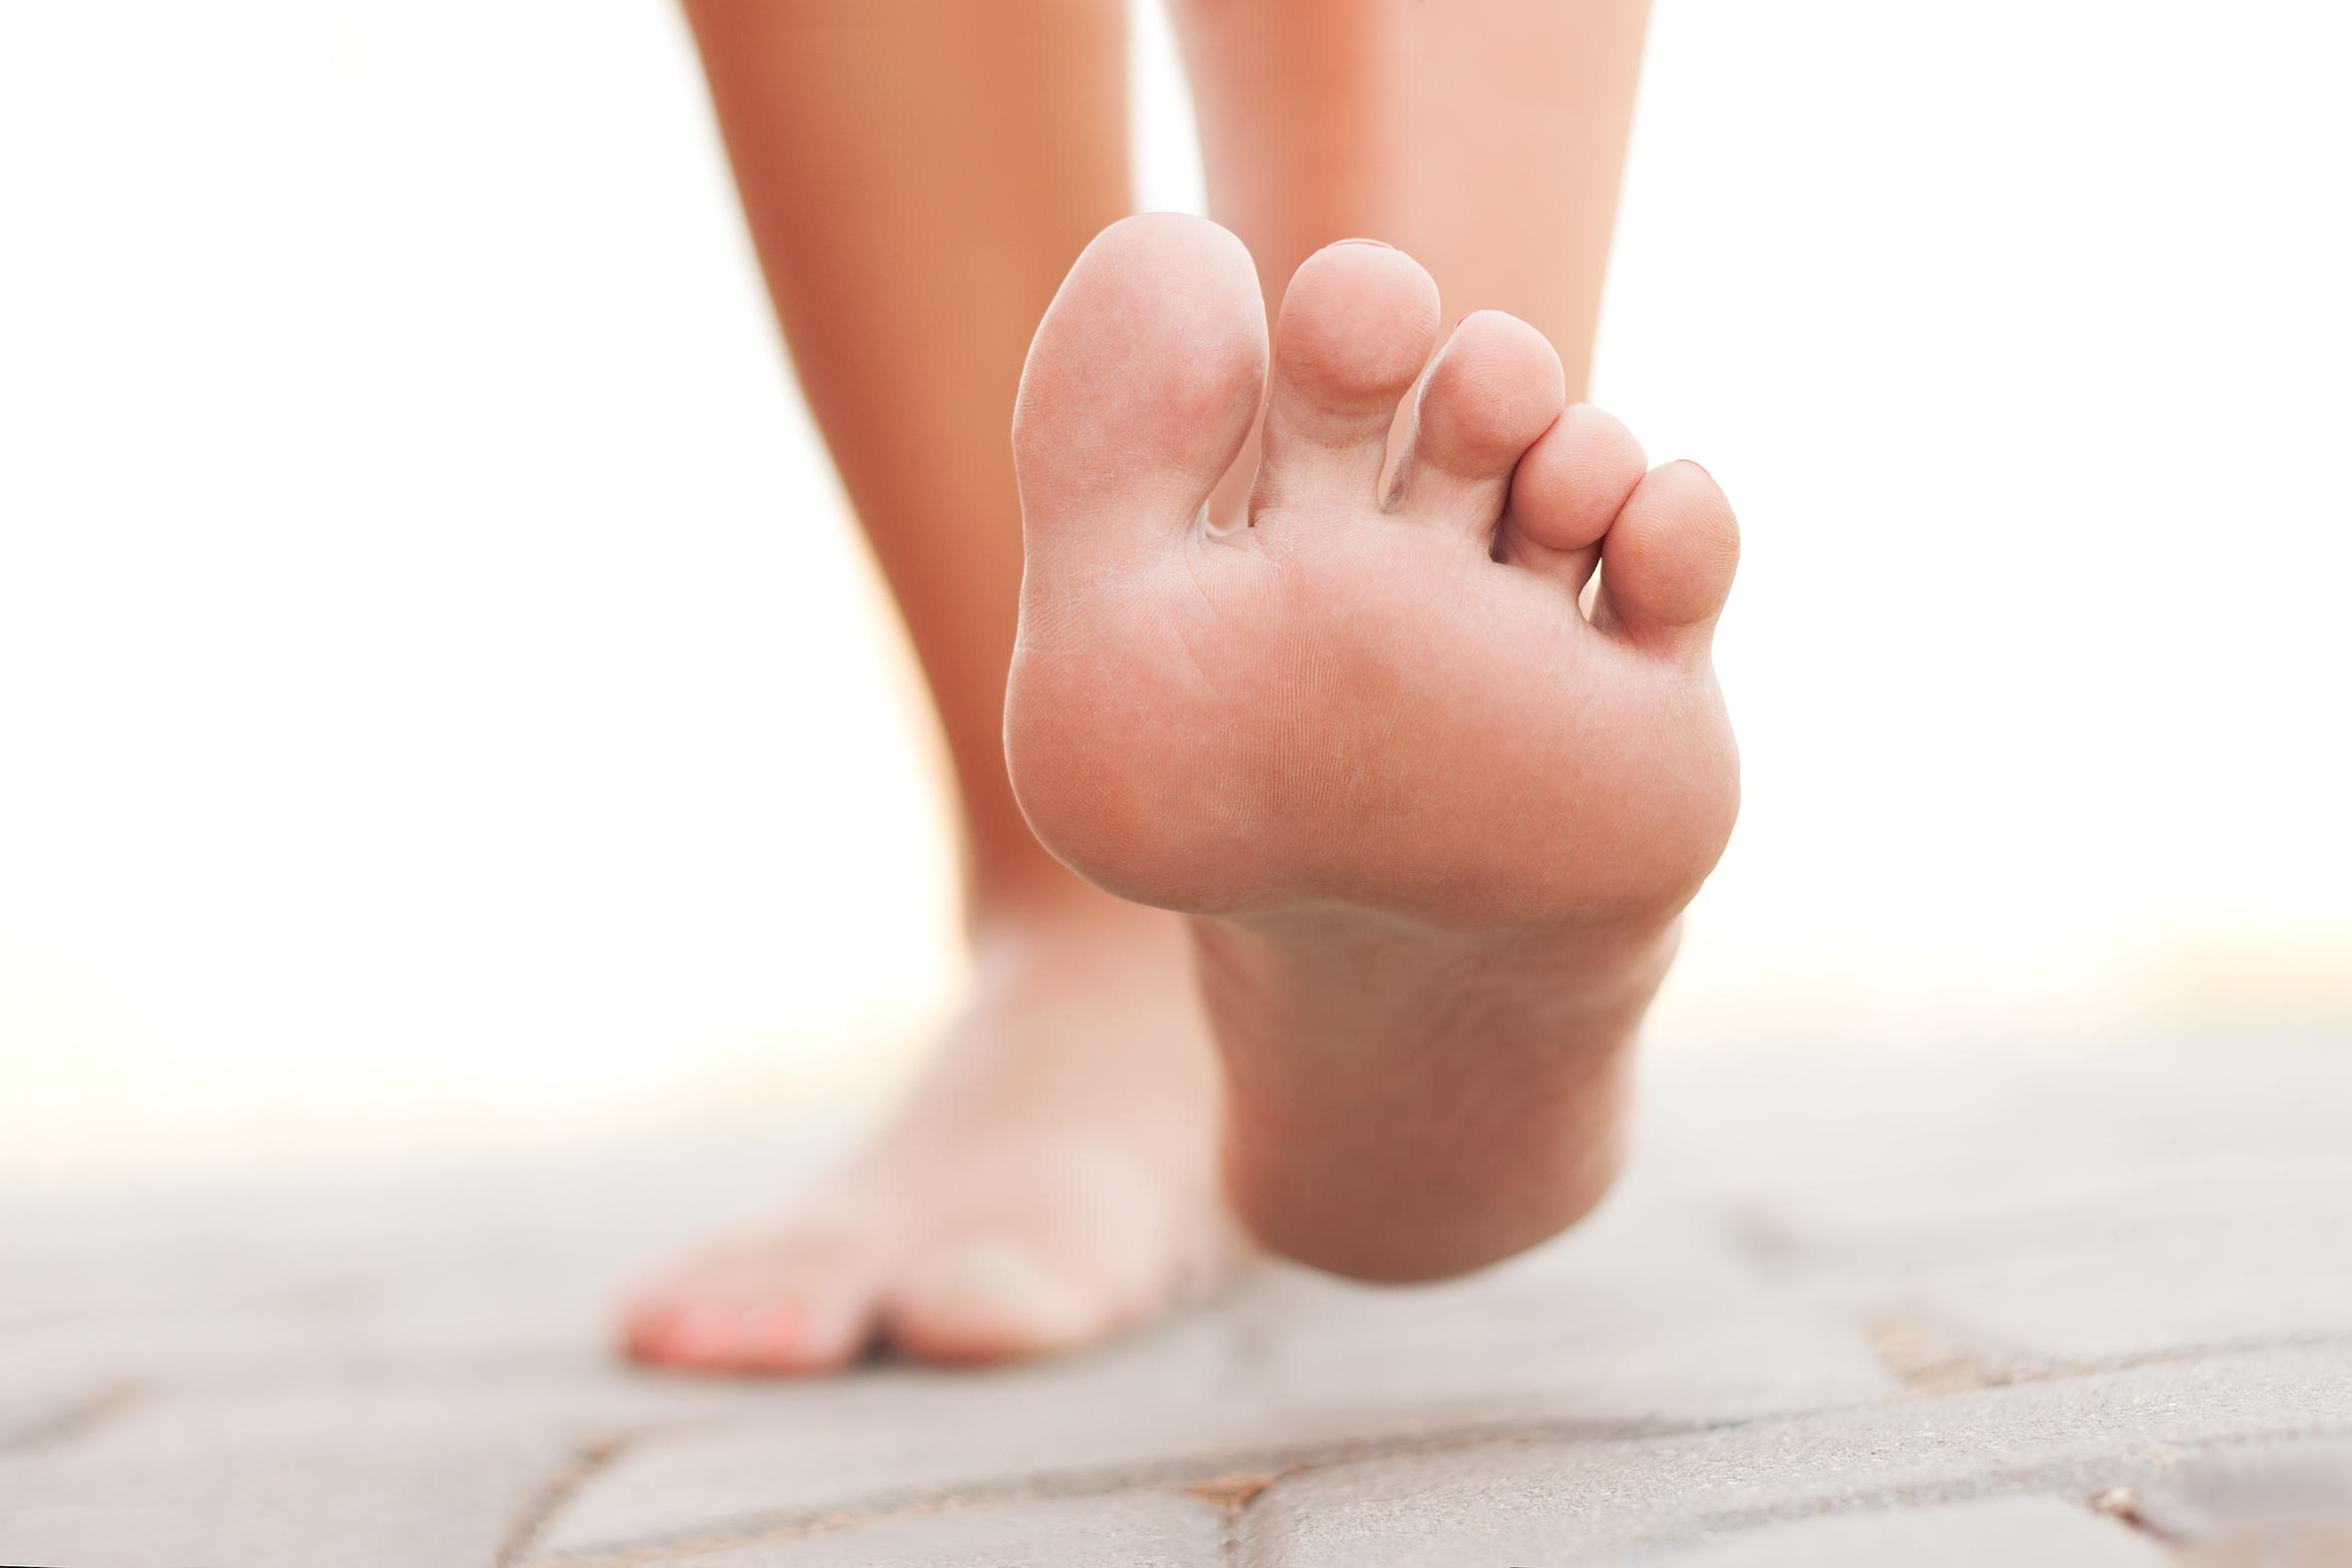 Ruolo dei muscoli intrinseci del piede